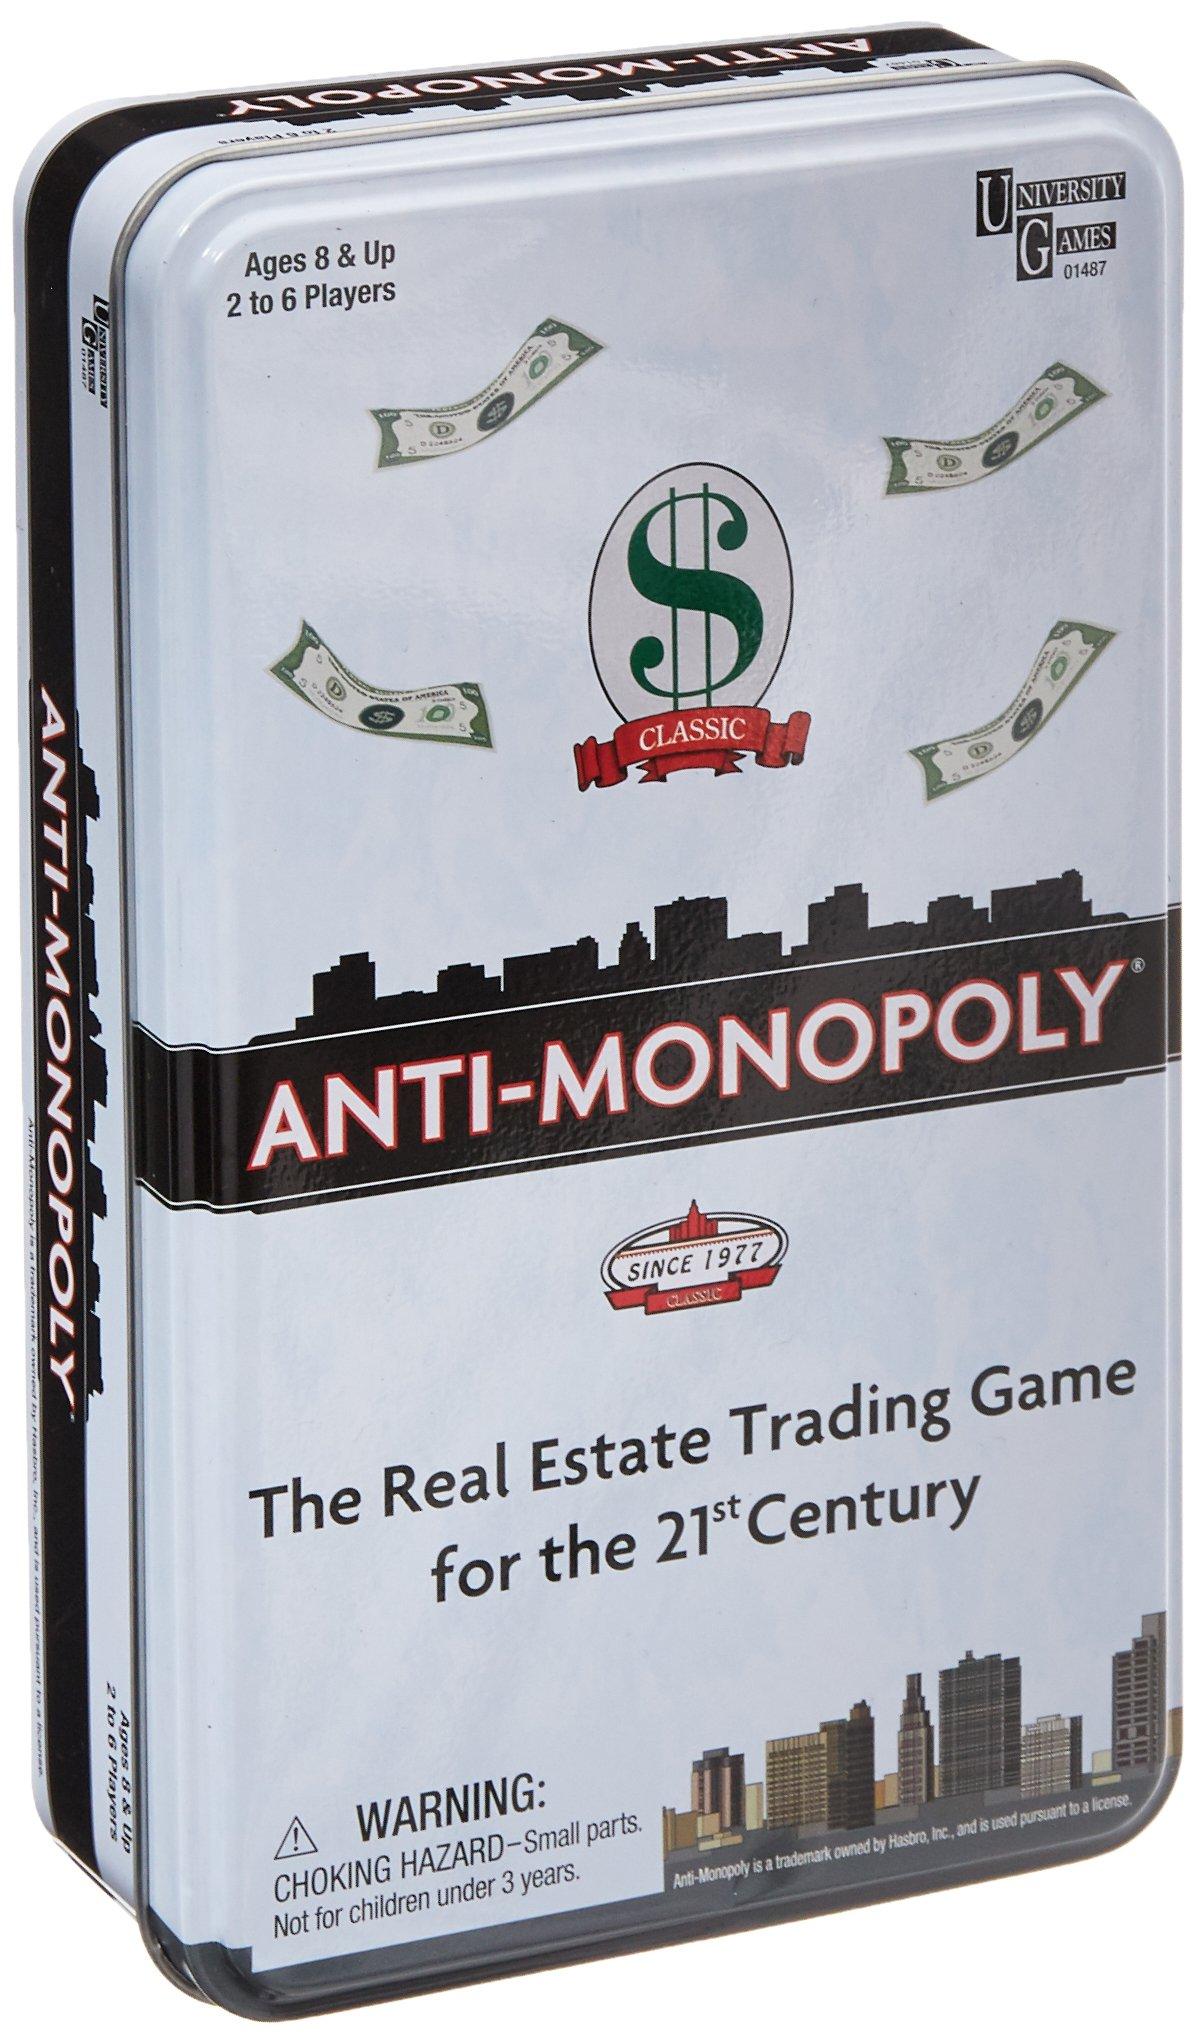 Anti-Monopoly Game Tin